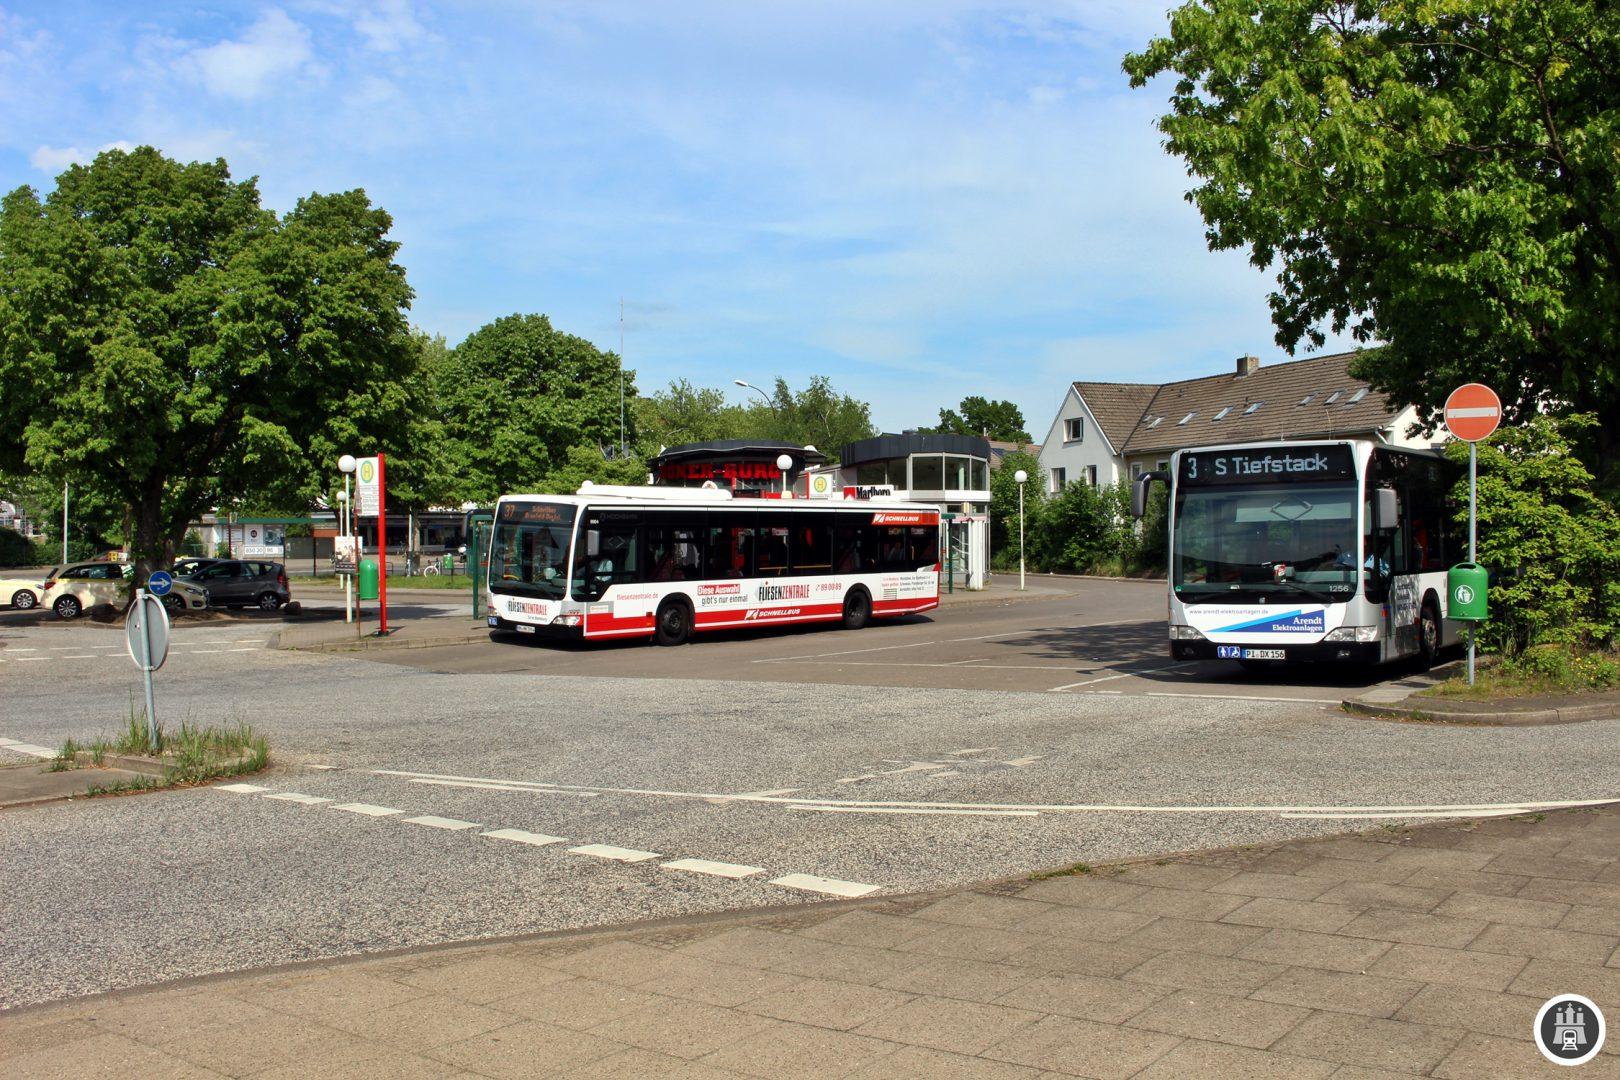 Auf dem Pausenplatz am Schenefelder Platz stehen die Busse der 3 zur Fahrt bereit.